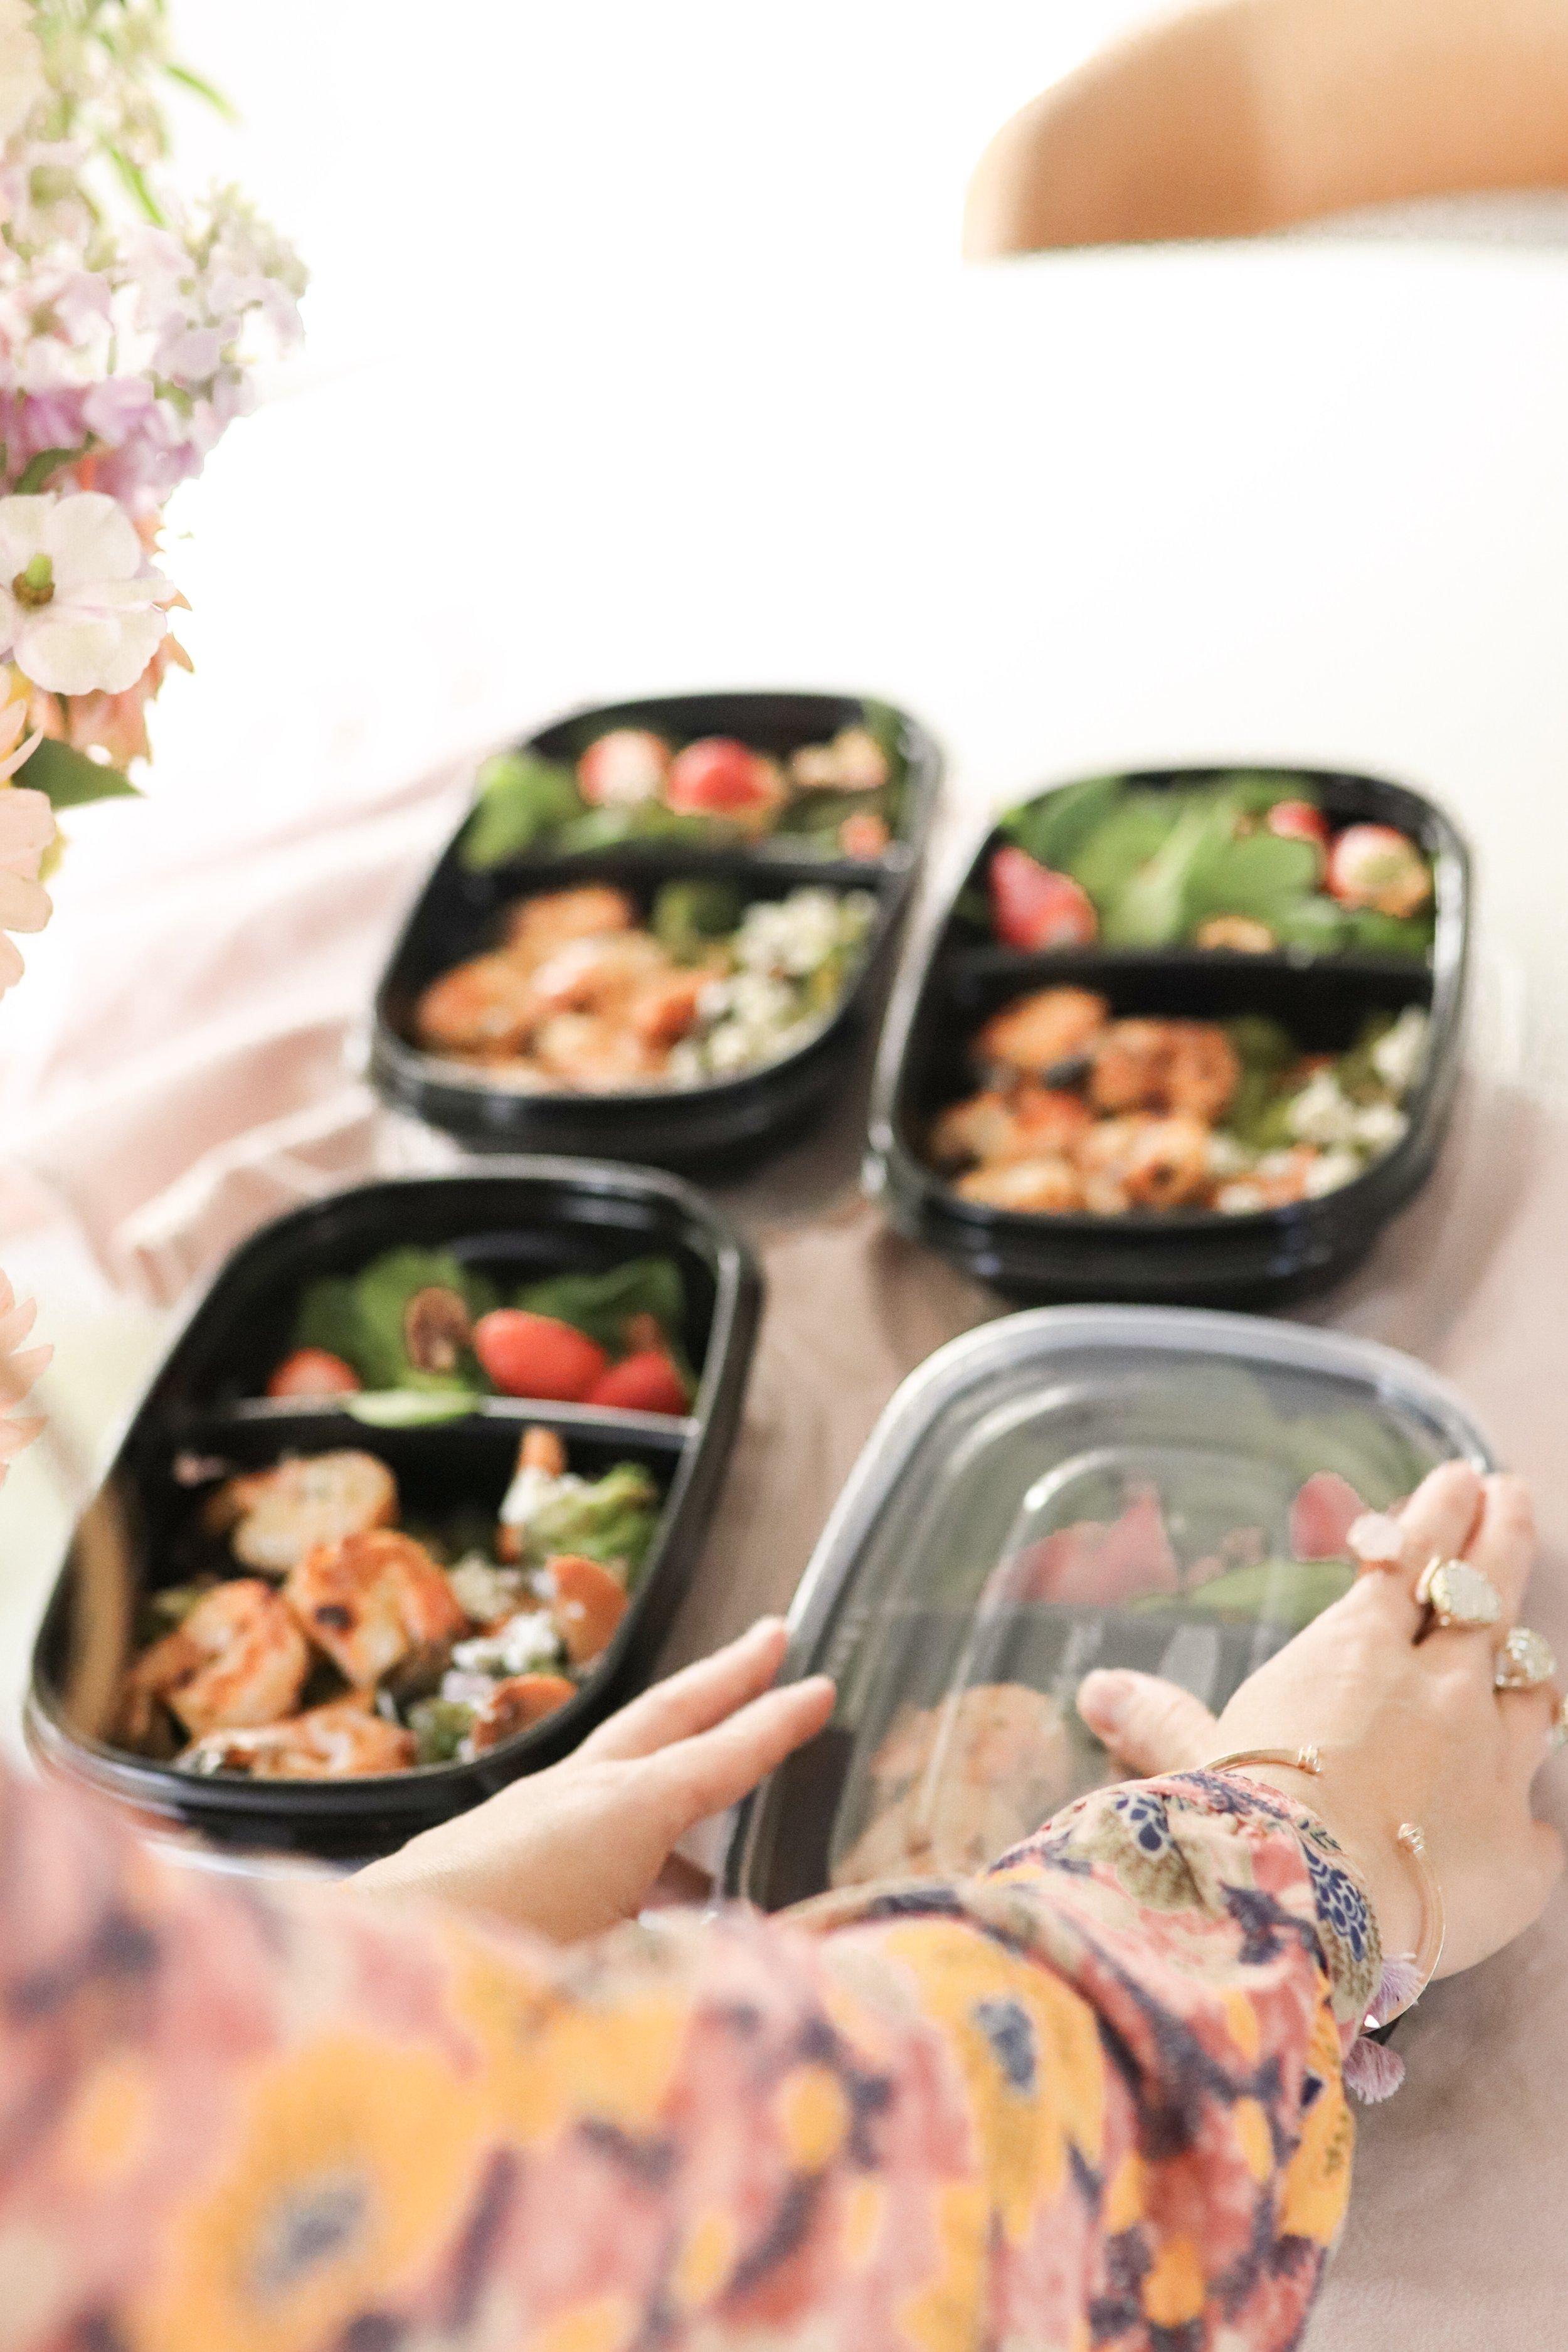 Joyfullygreen Rubbermaid Meal Prep Grilled Shrimp Clean Eating Recipe-08.jpg